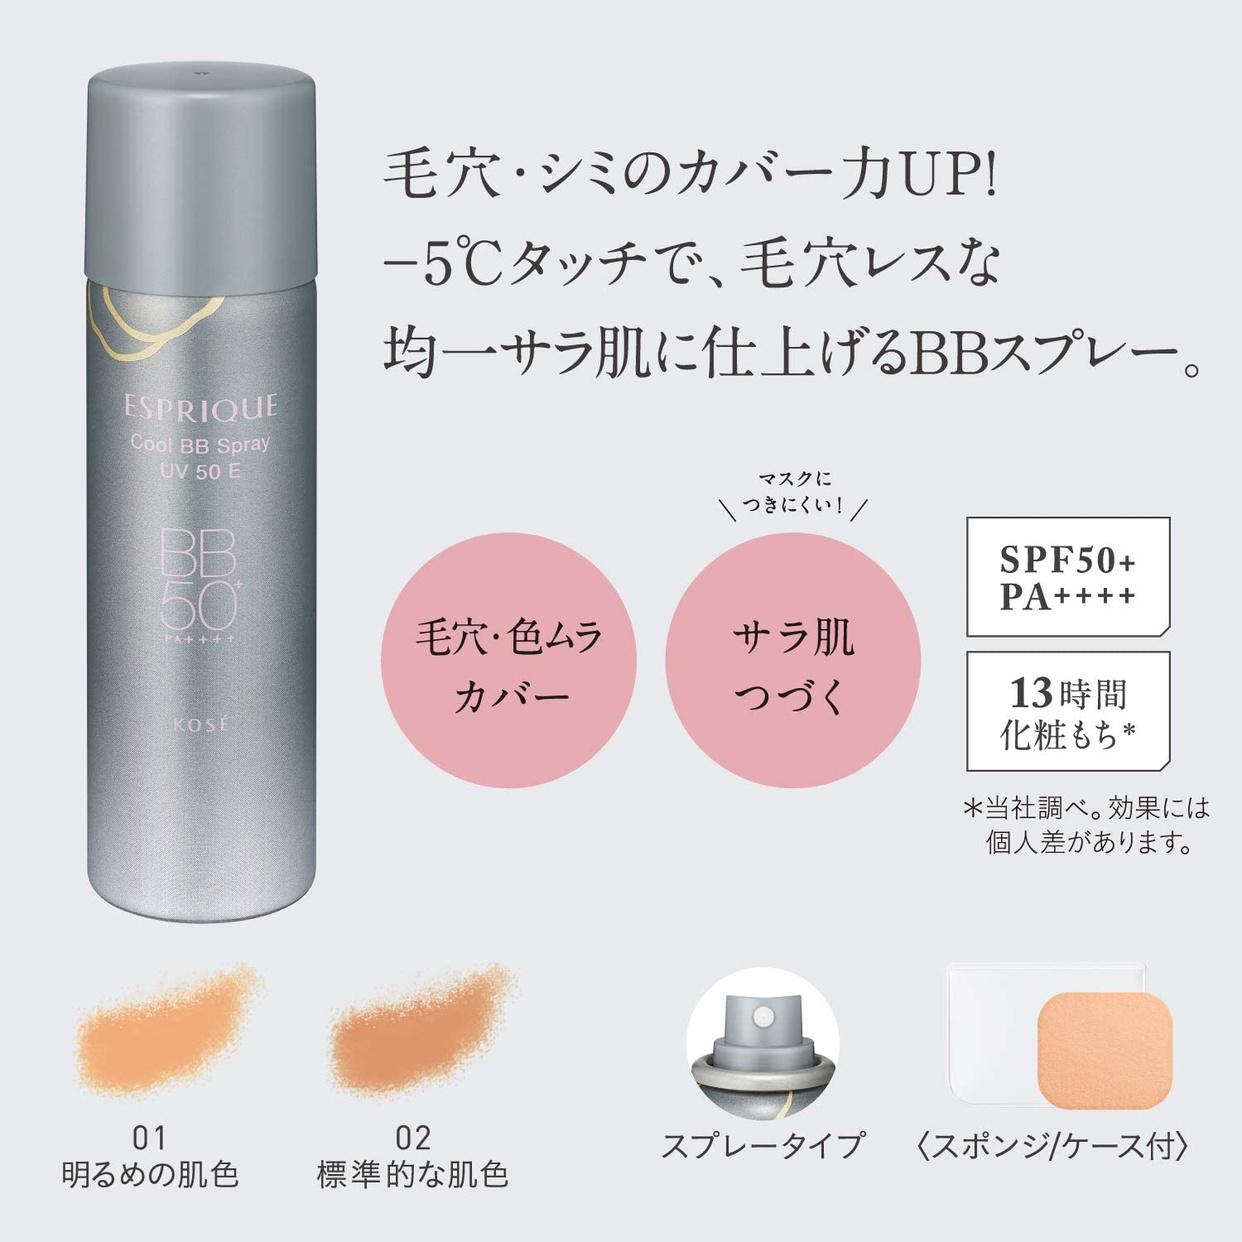 ESPRIQUE(エスプリーク) ひんやりタッチ BBスプレー UV 50の商品画像6